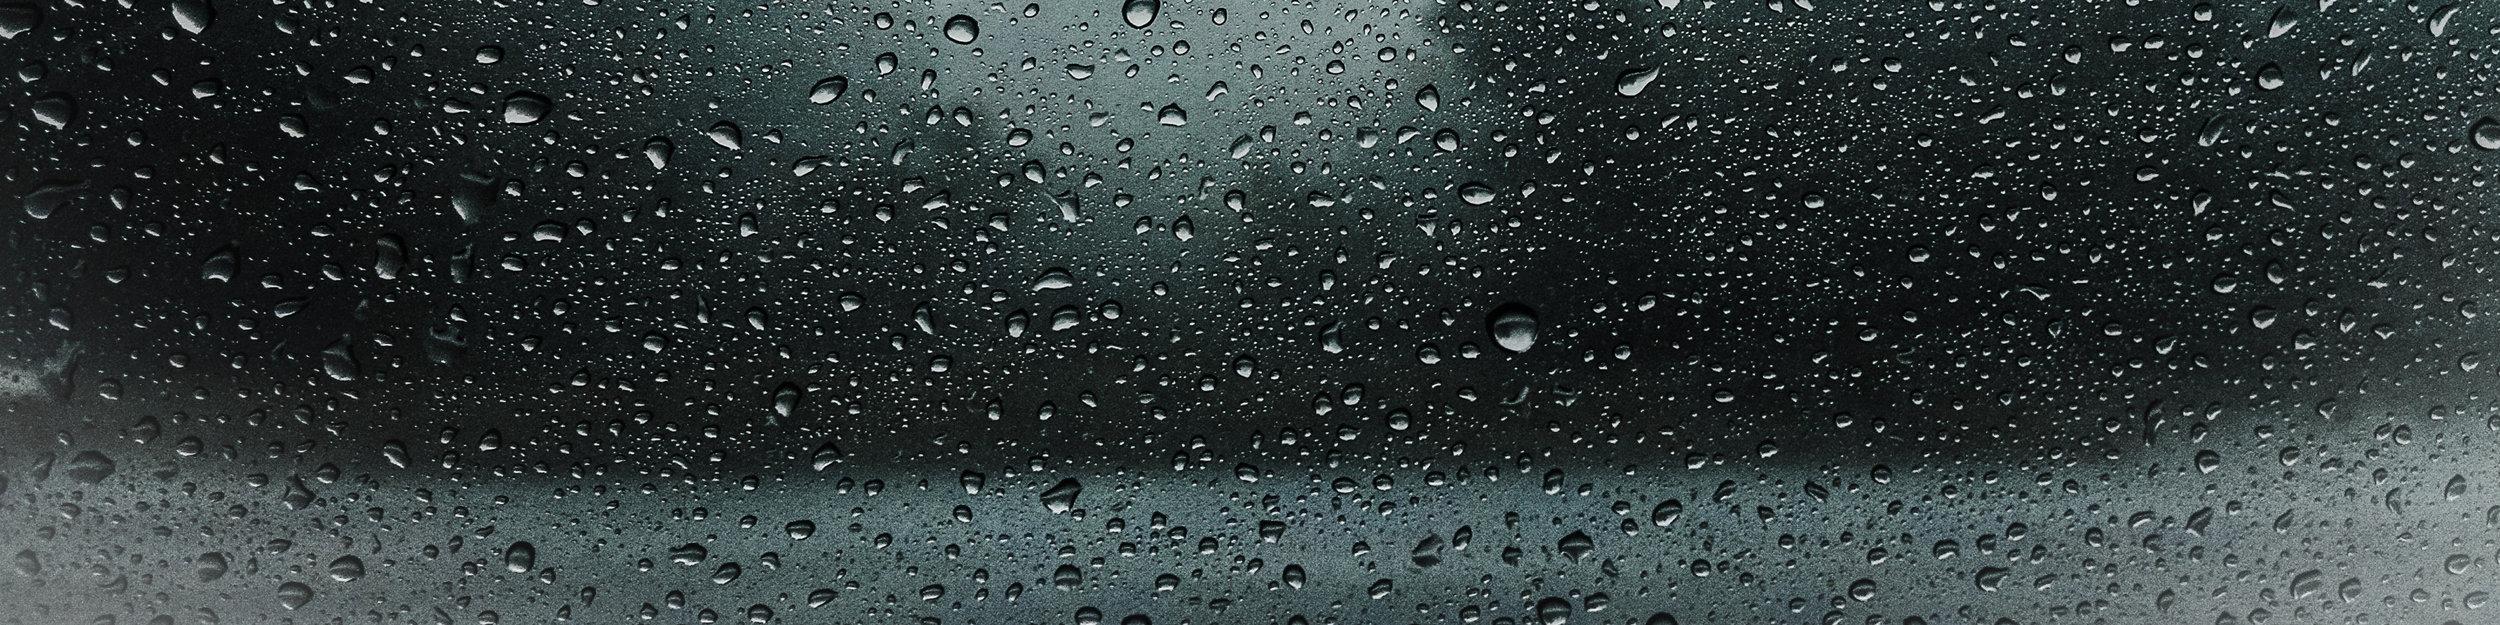 CondensationDamp.jpg